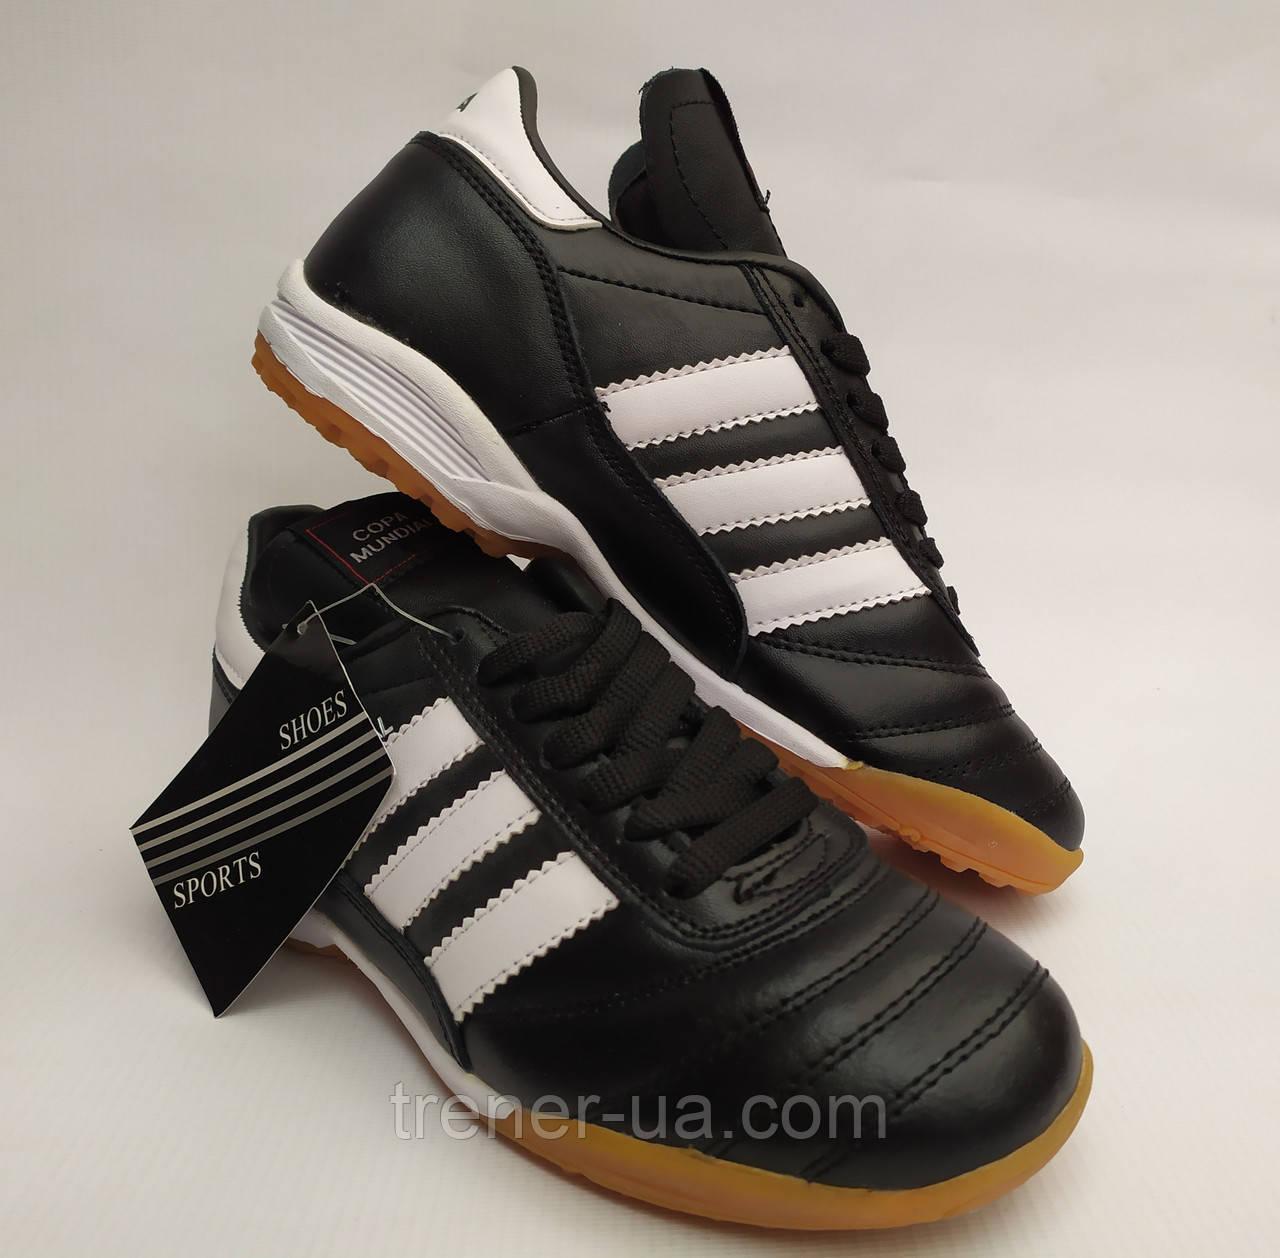 Сороконожки подростковые в стиле Copa Mundial чёрно-белые/обувь футбольная/сороконожки юниор/многошиповки/